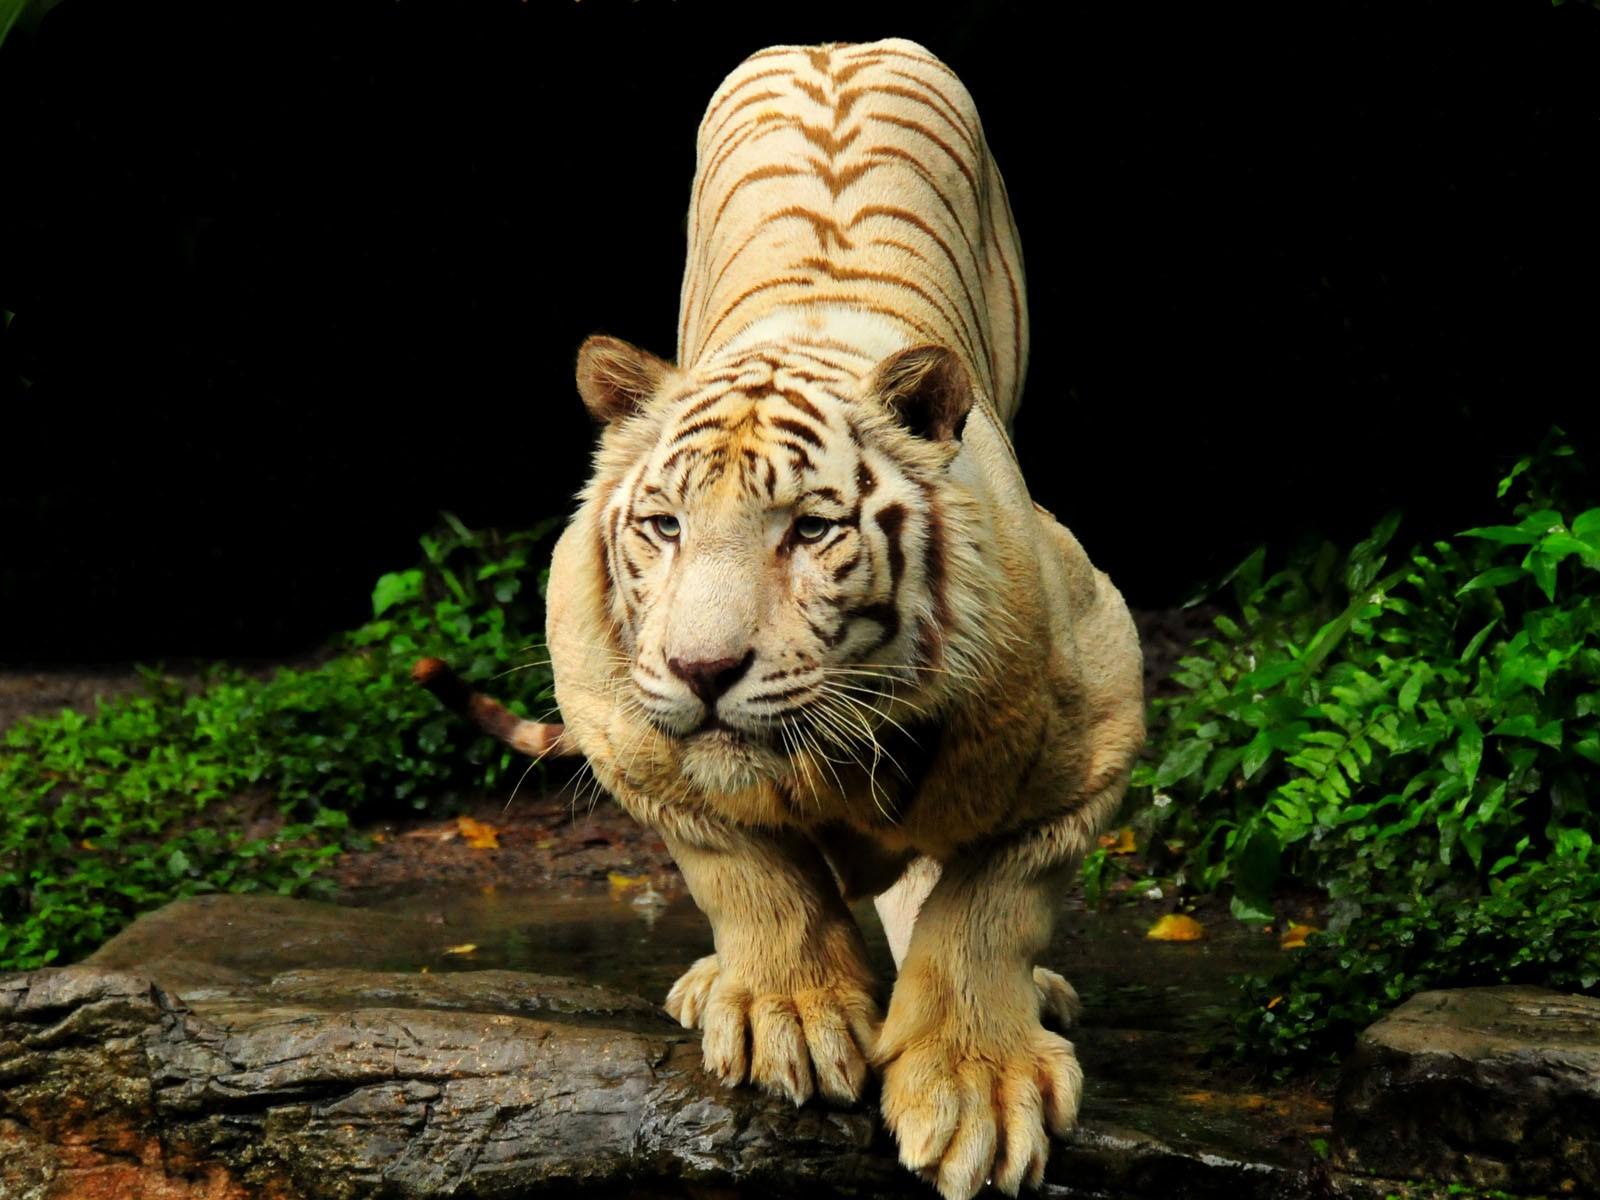 Tiger tiger 1600x1200 En Güzel HD Masaüstü Kaplan Resimleri